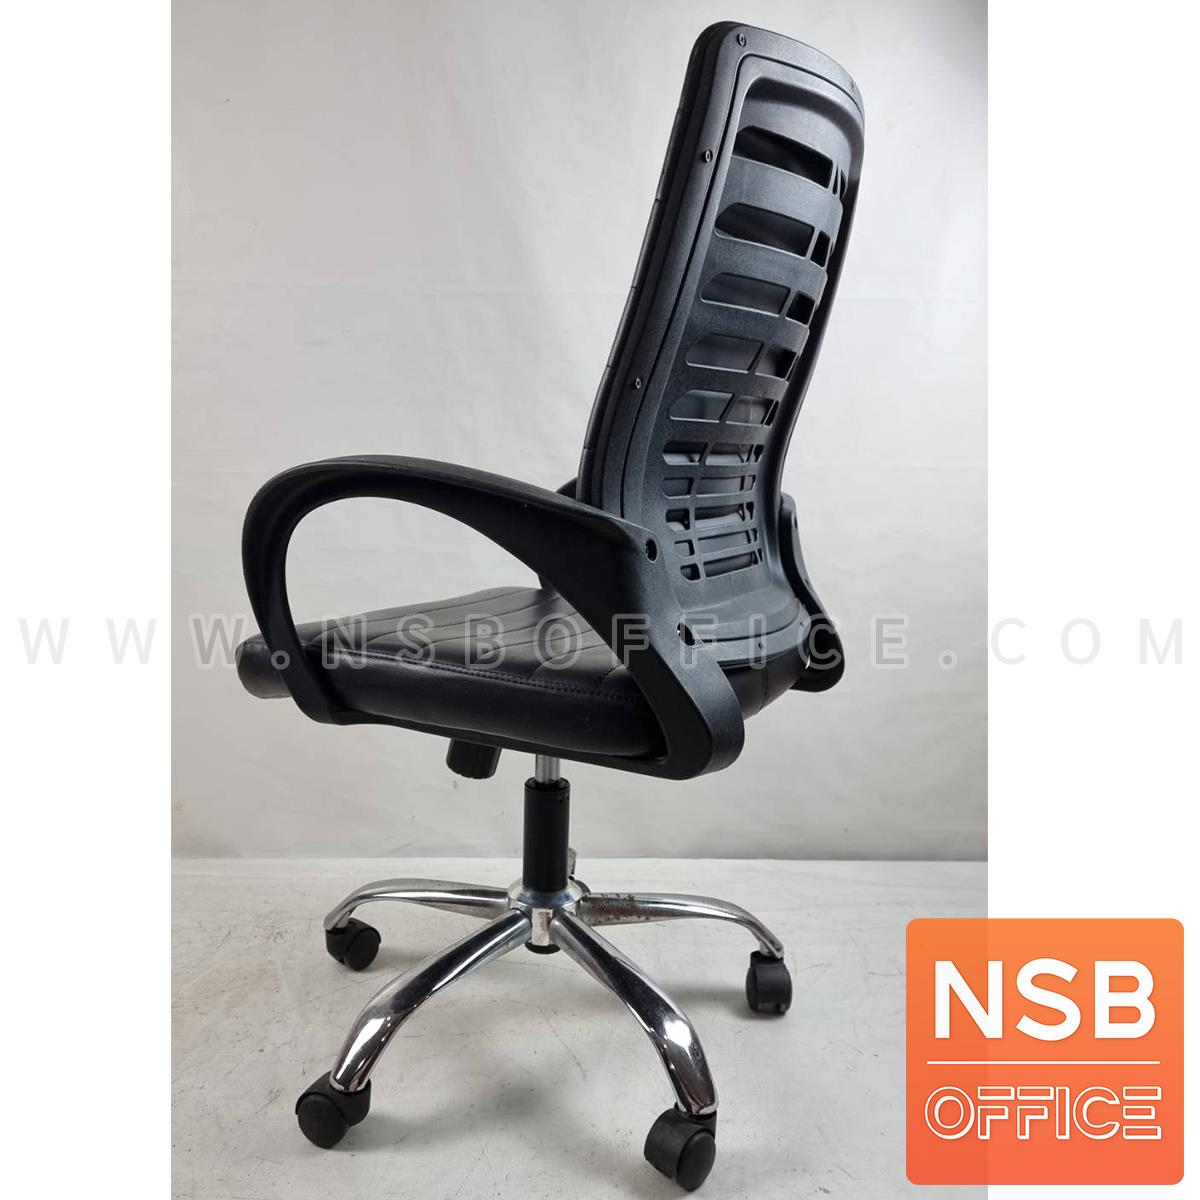 เก้าอี้สำนักงาน รุ่น Romesco (โรเมสโค่)  ขาเหล็กชุบโครเมี่ยม